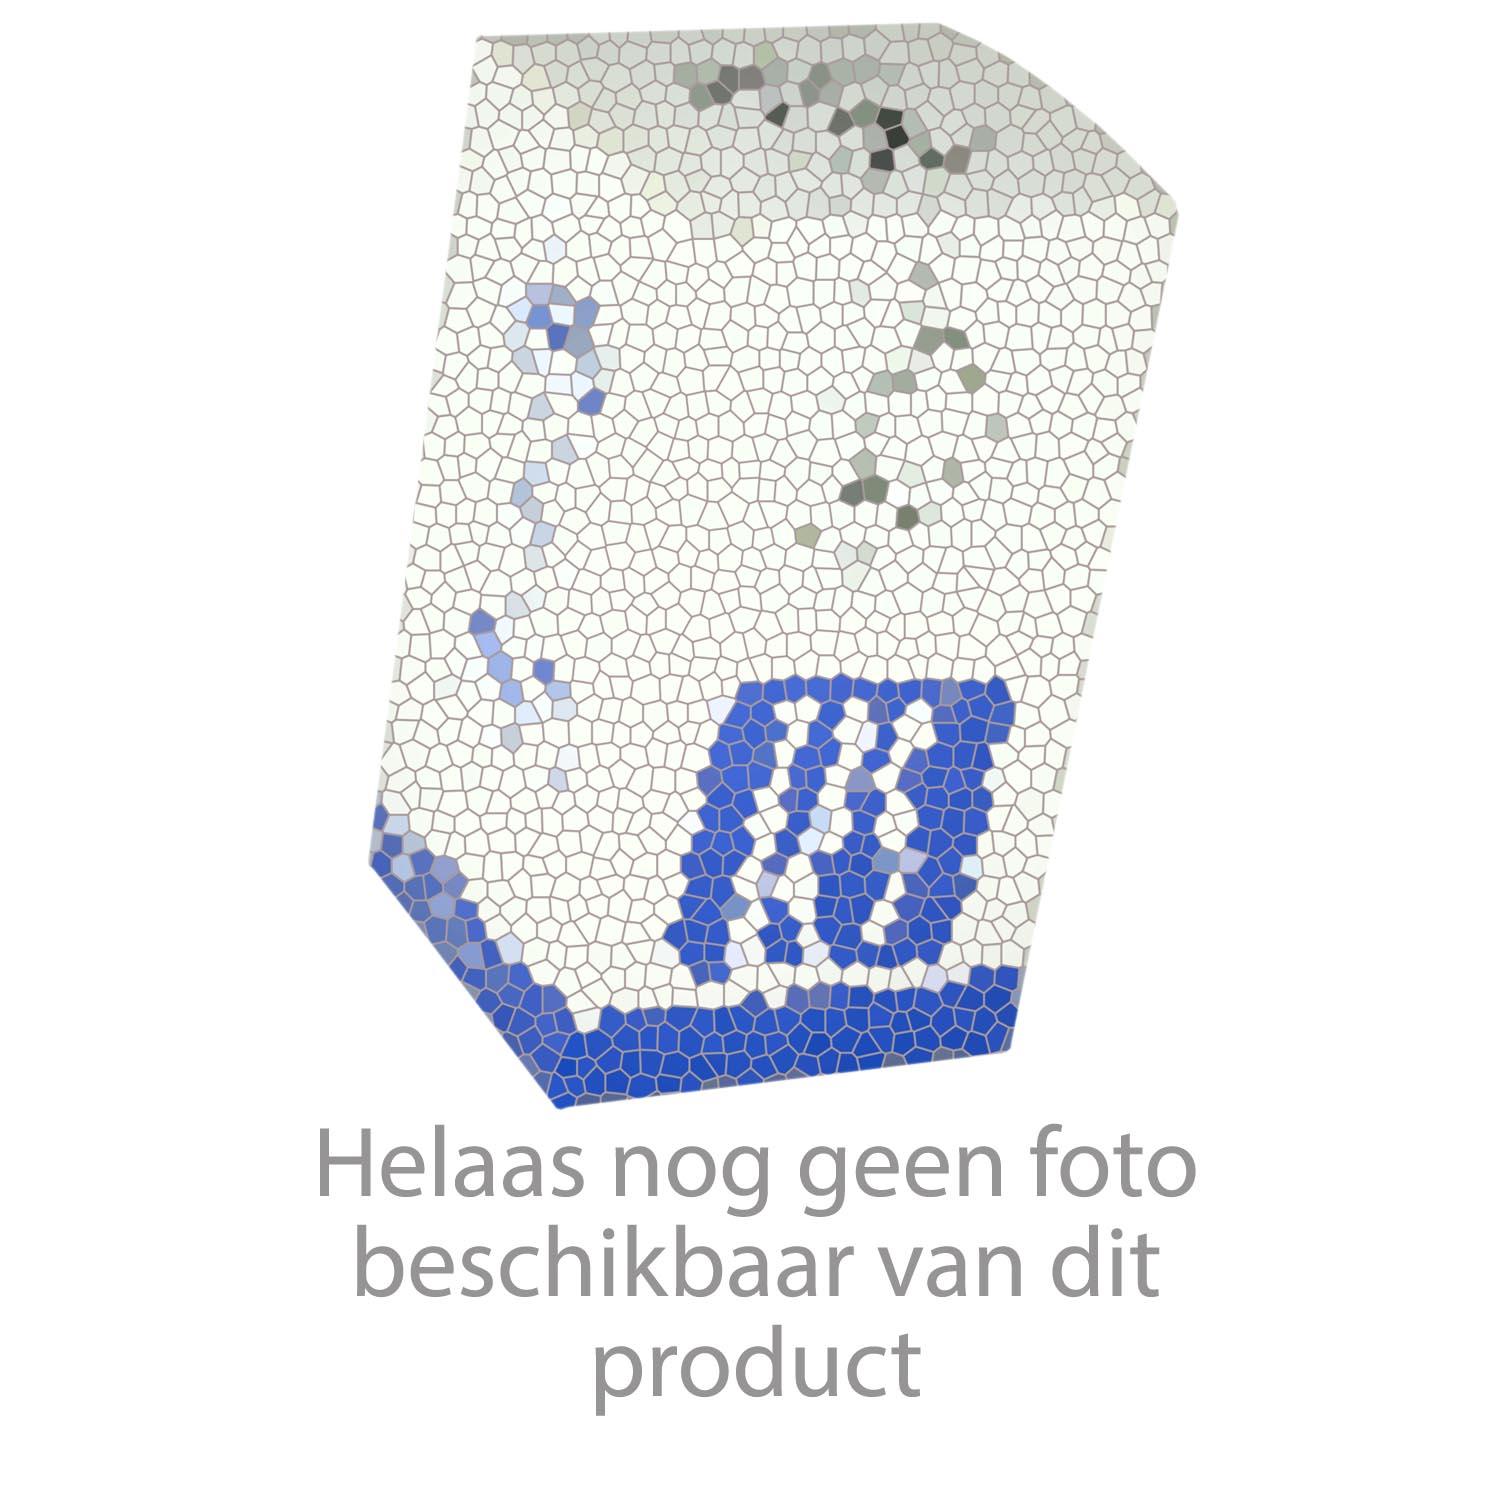 HansGrohe Keukenmengkranen Allegra Linea (Metropol) / Allegra Solida (Metris) productiejaar 07/94 - 10/96 14805 onderdelen